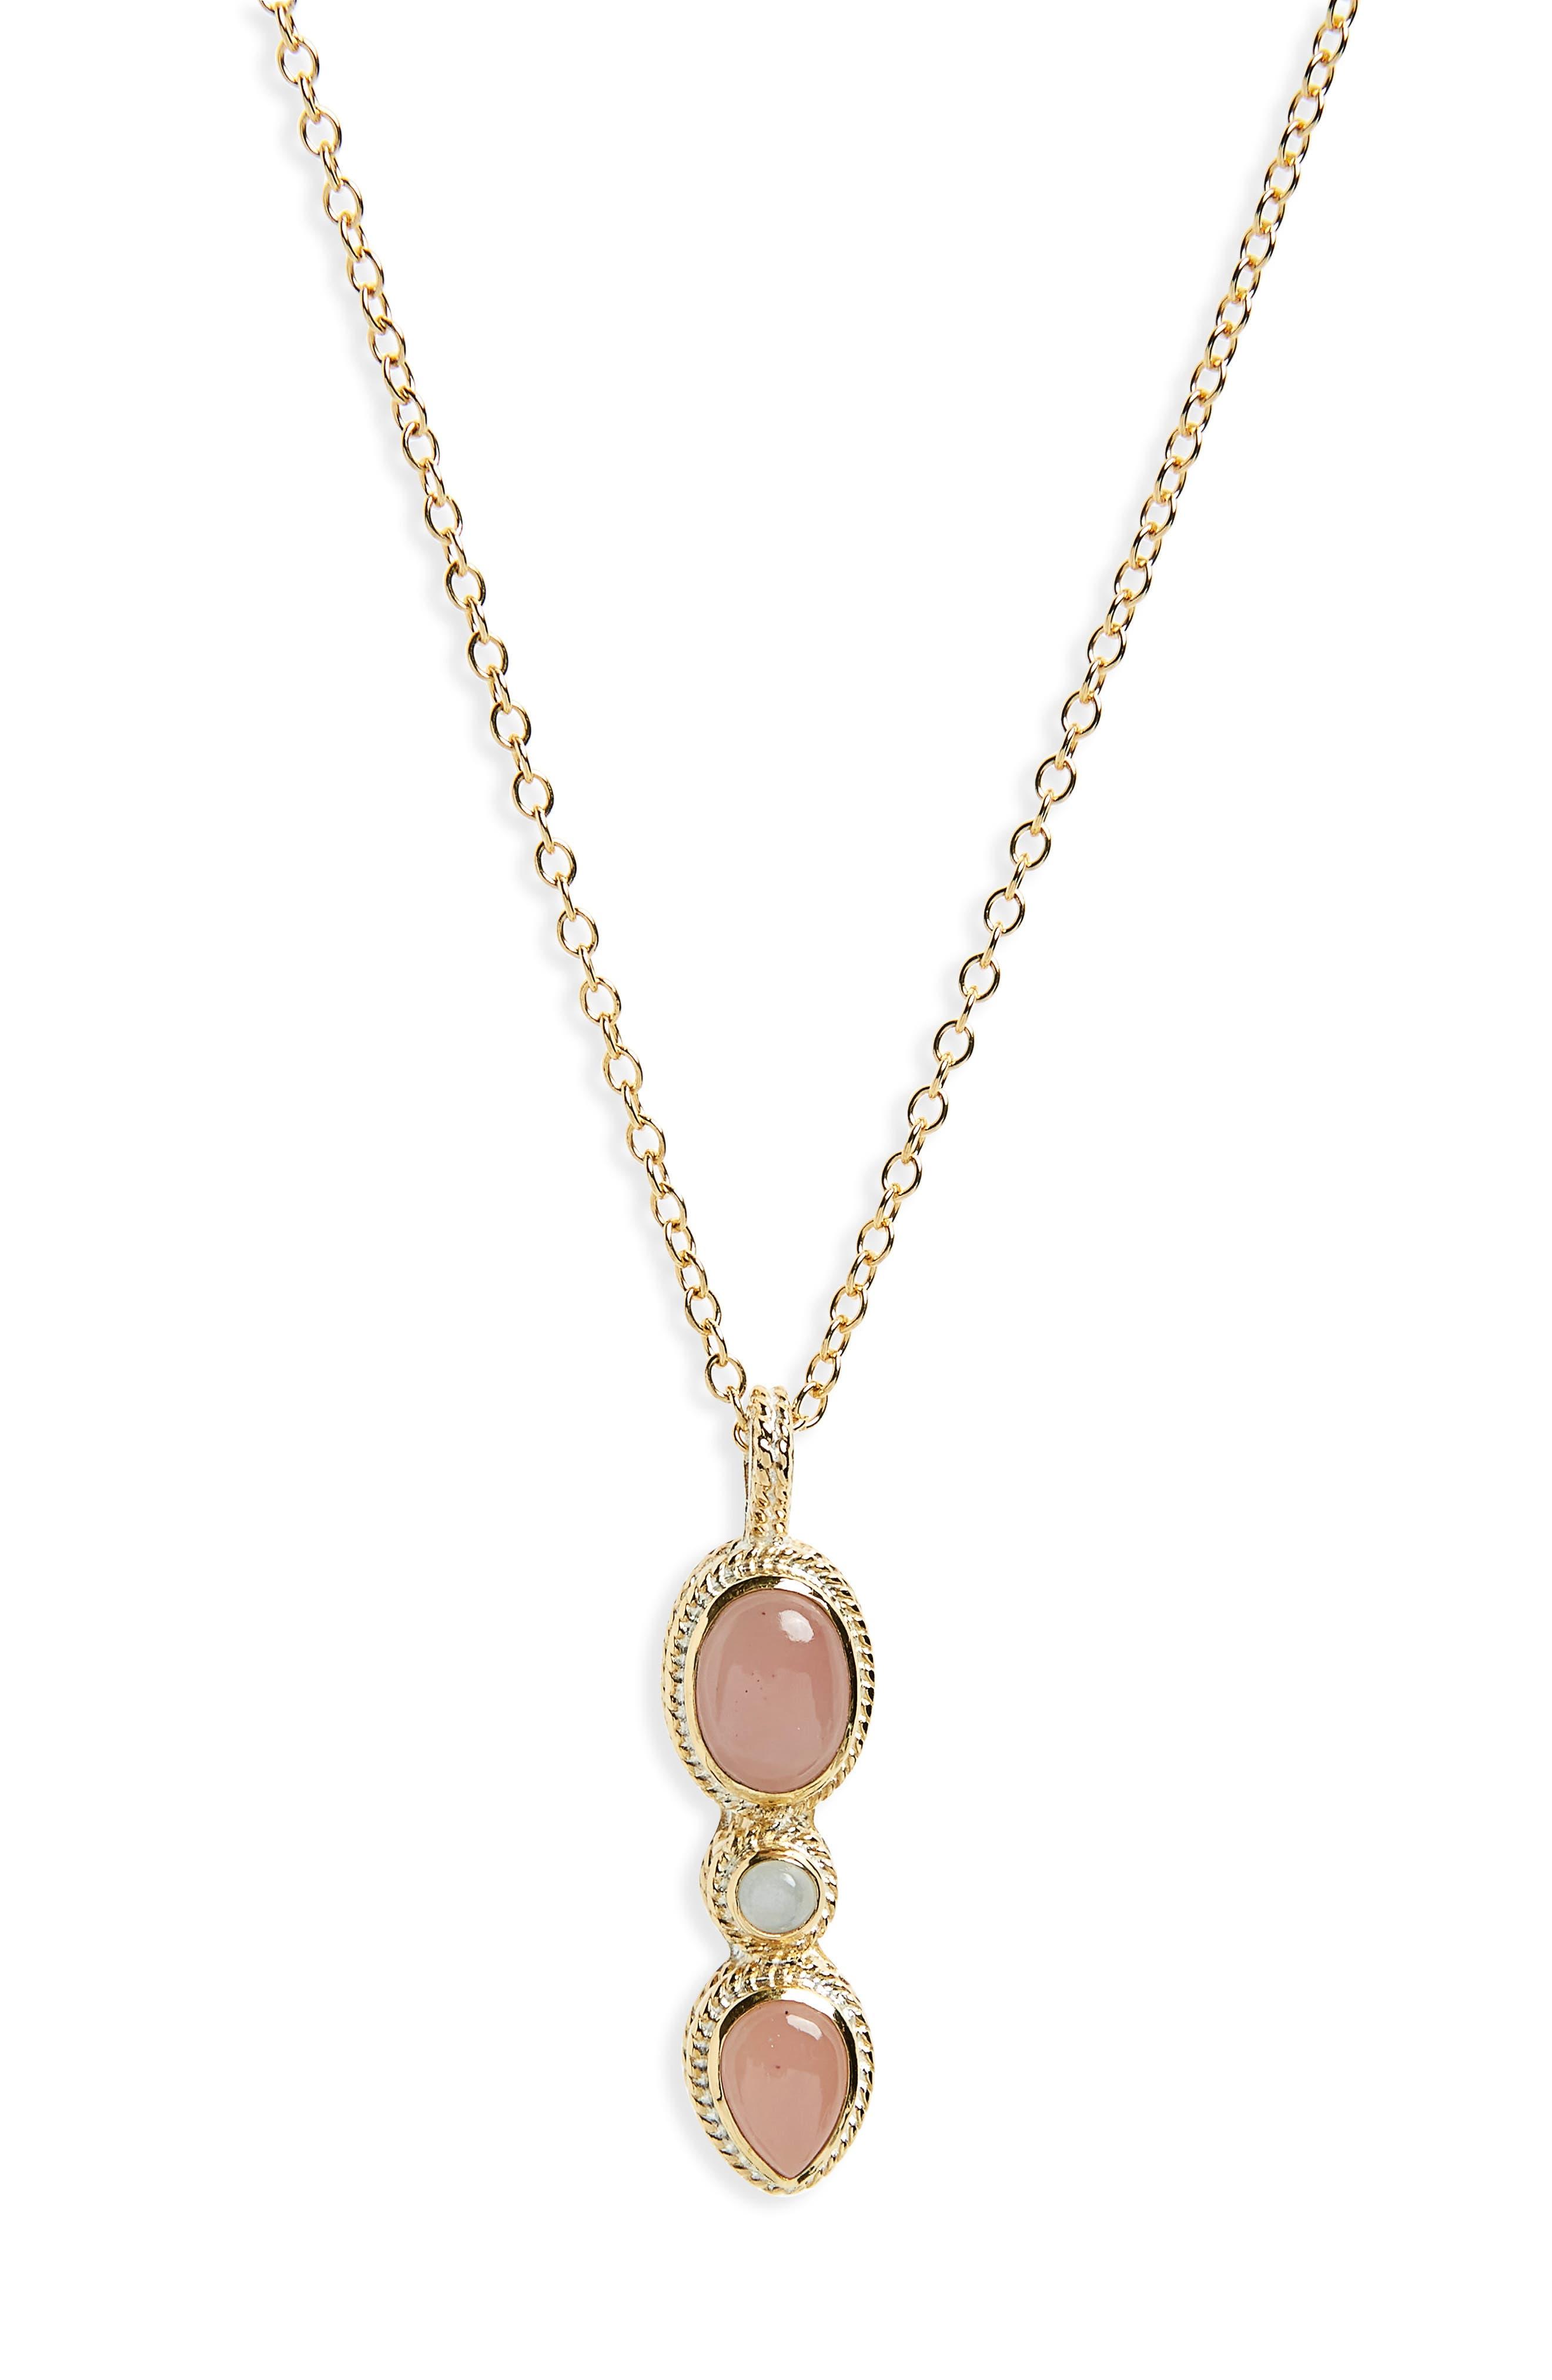 Guava Quartz Pendant Necklace,                         Main,                         color,